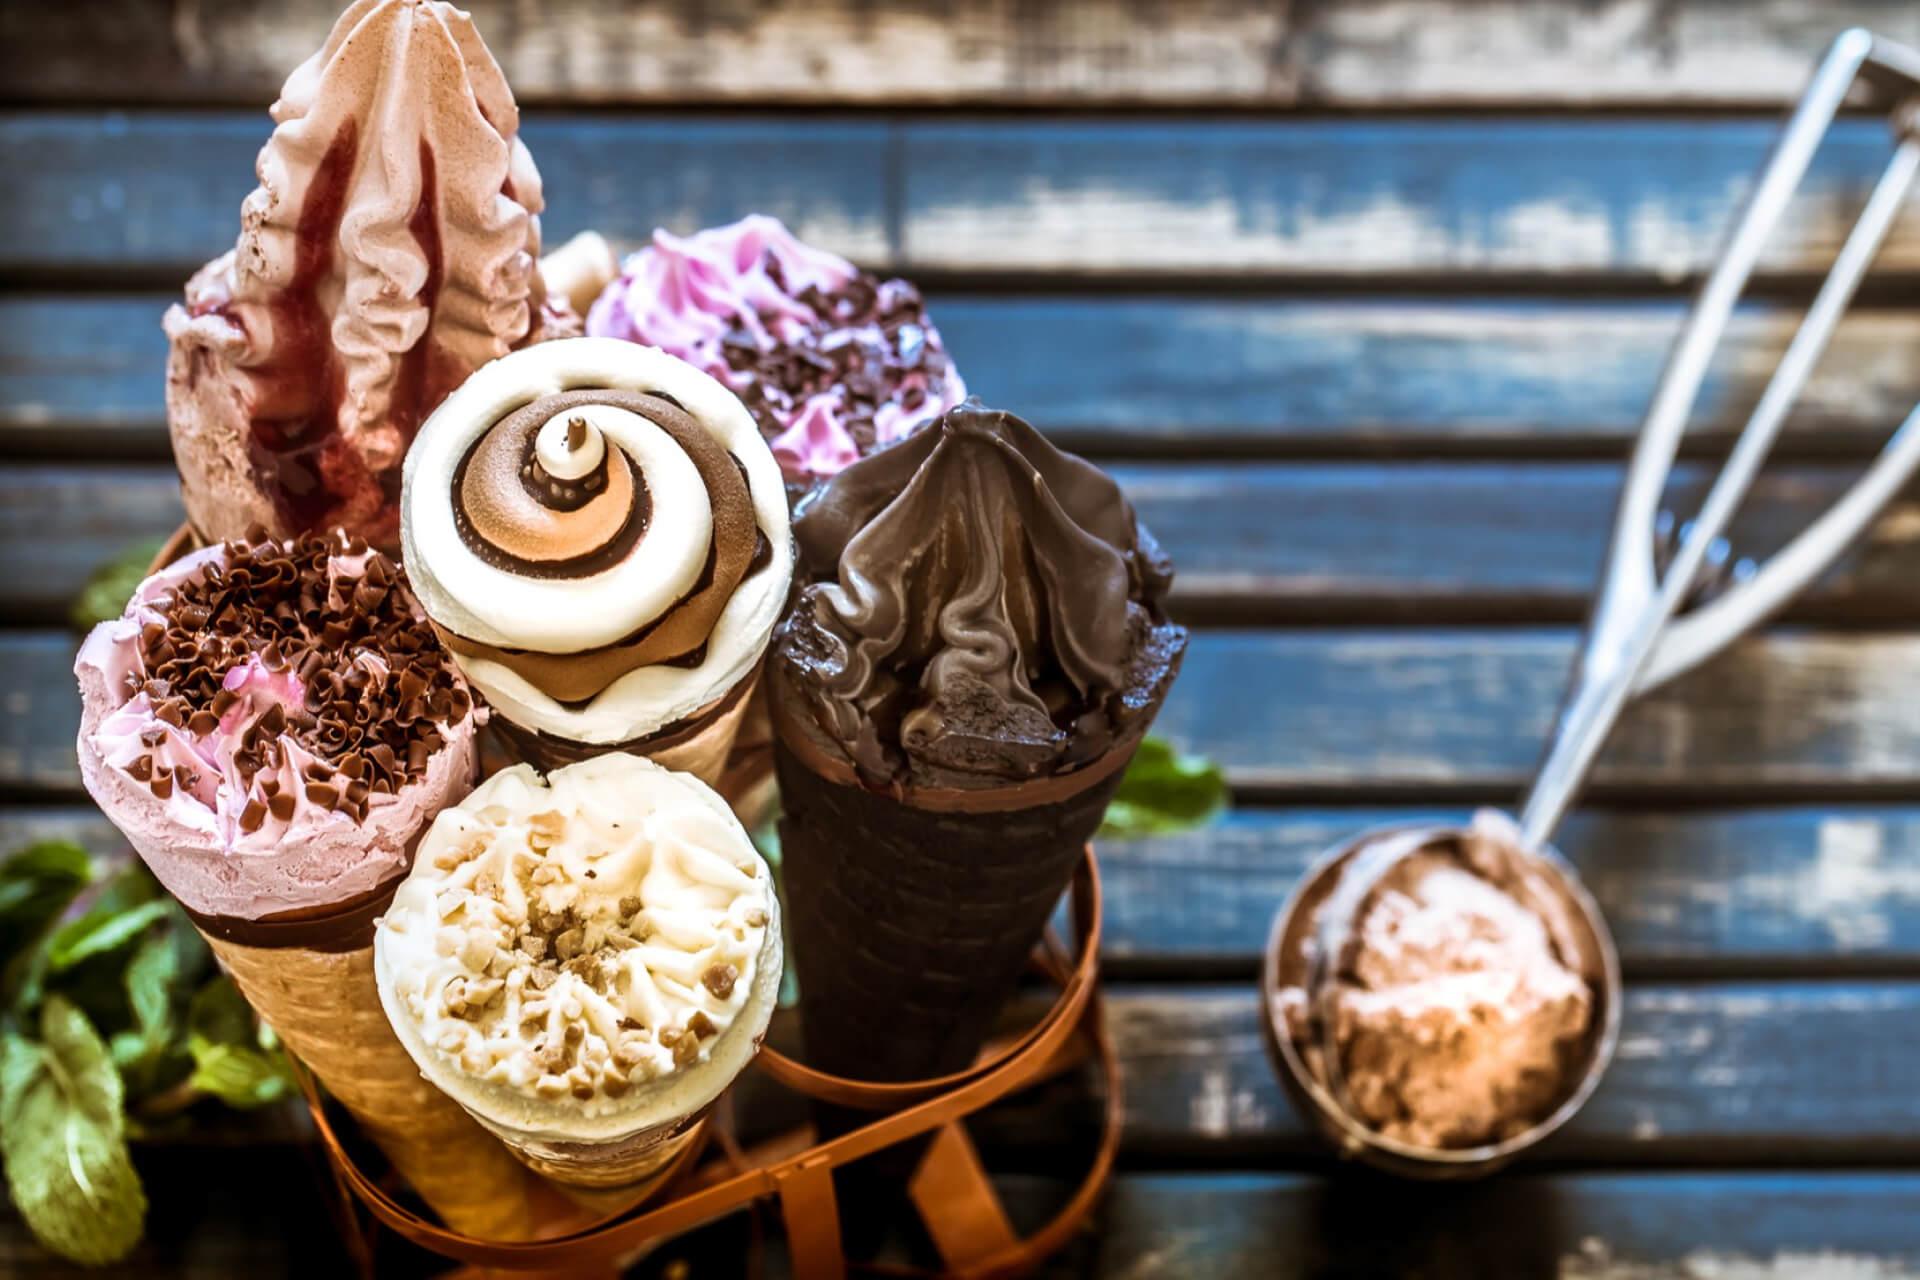 В июне доля маркированного мороженого и сыров в продаже составила 5%